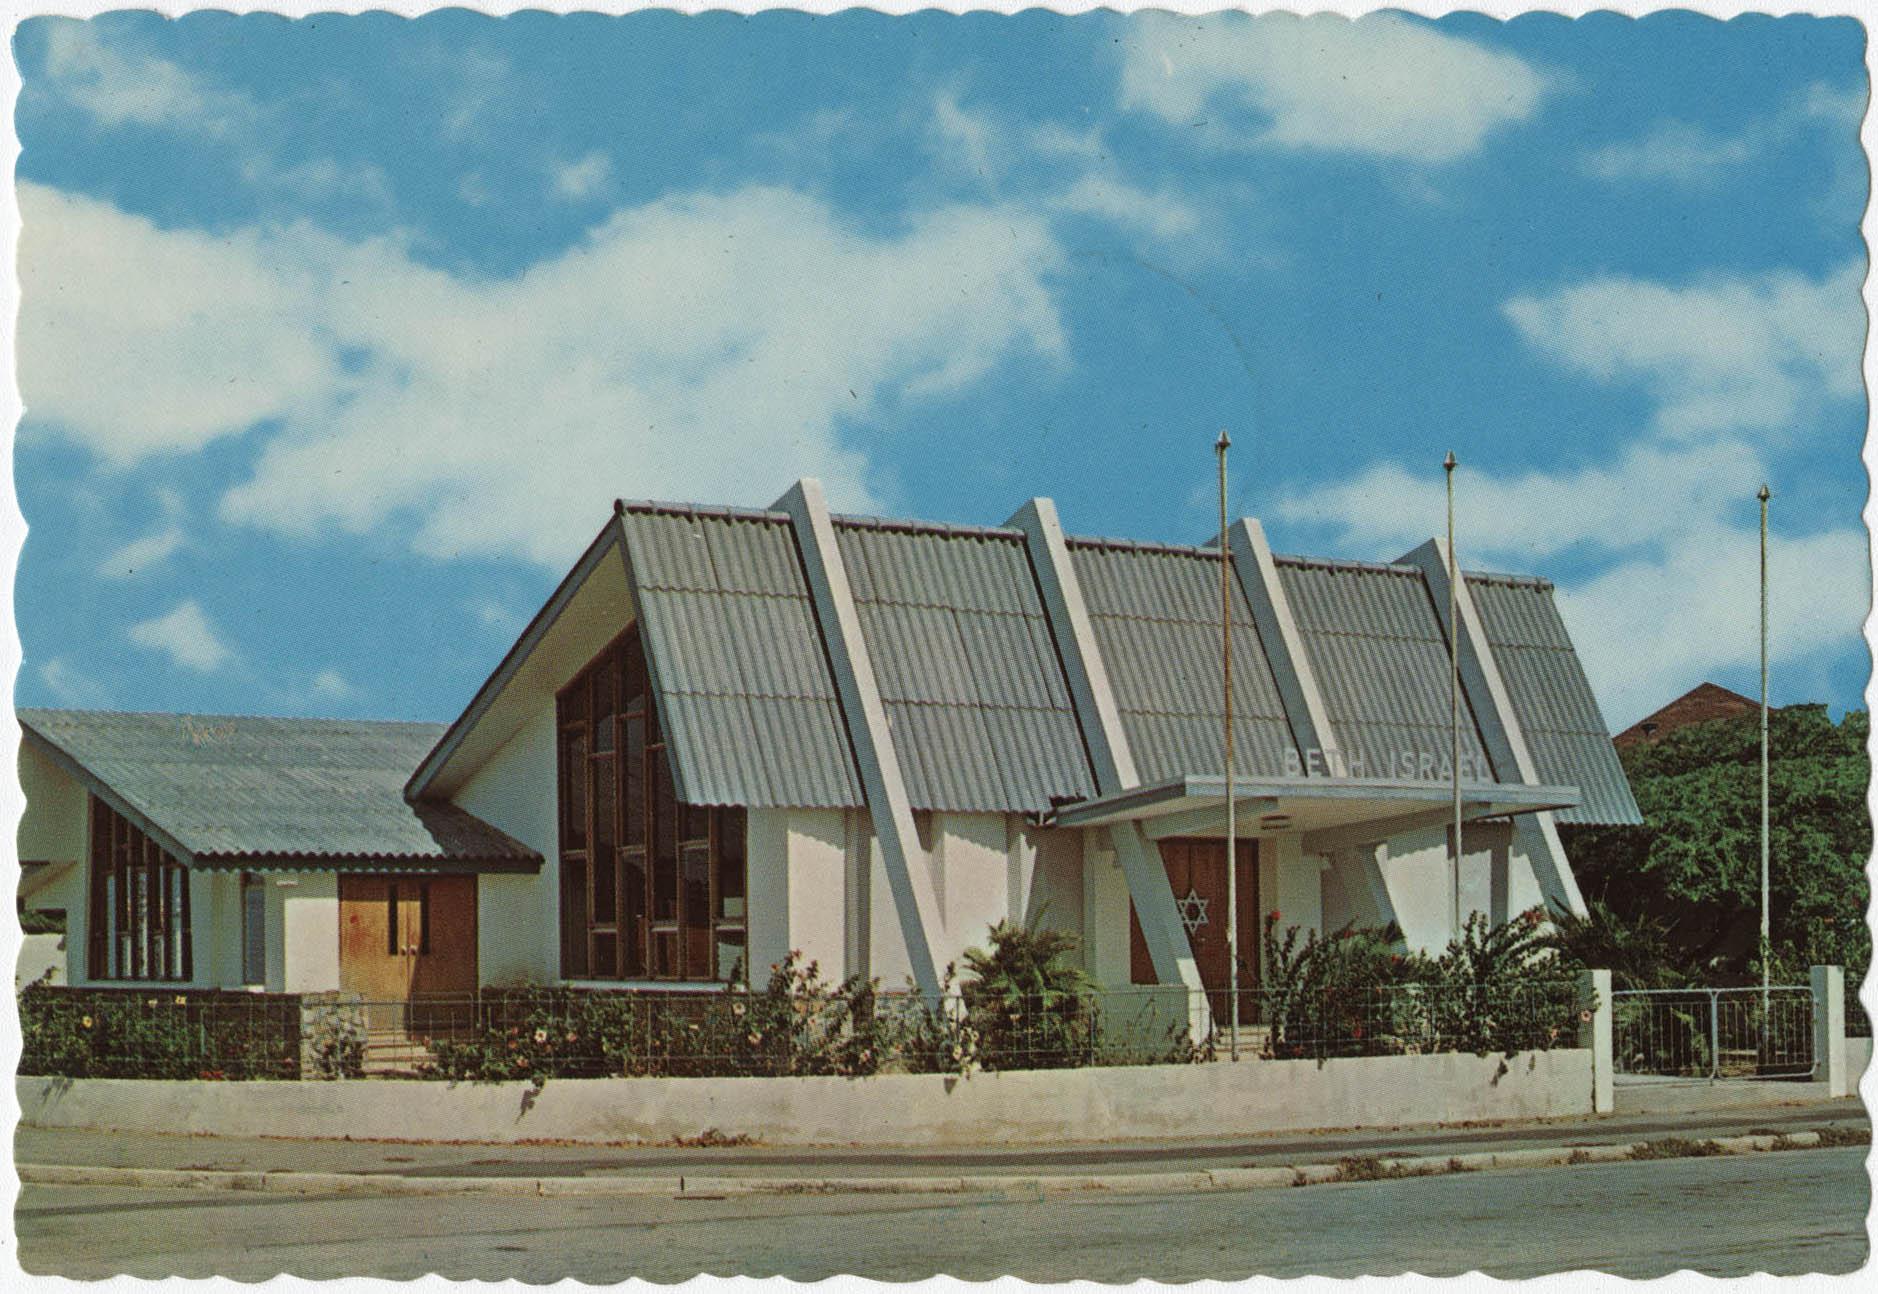 Jewish Synagogue Beth Israel in Oranjestad, Aruba, Neth. Antilles